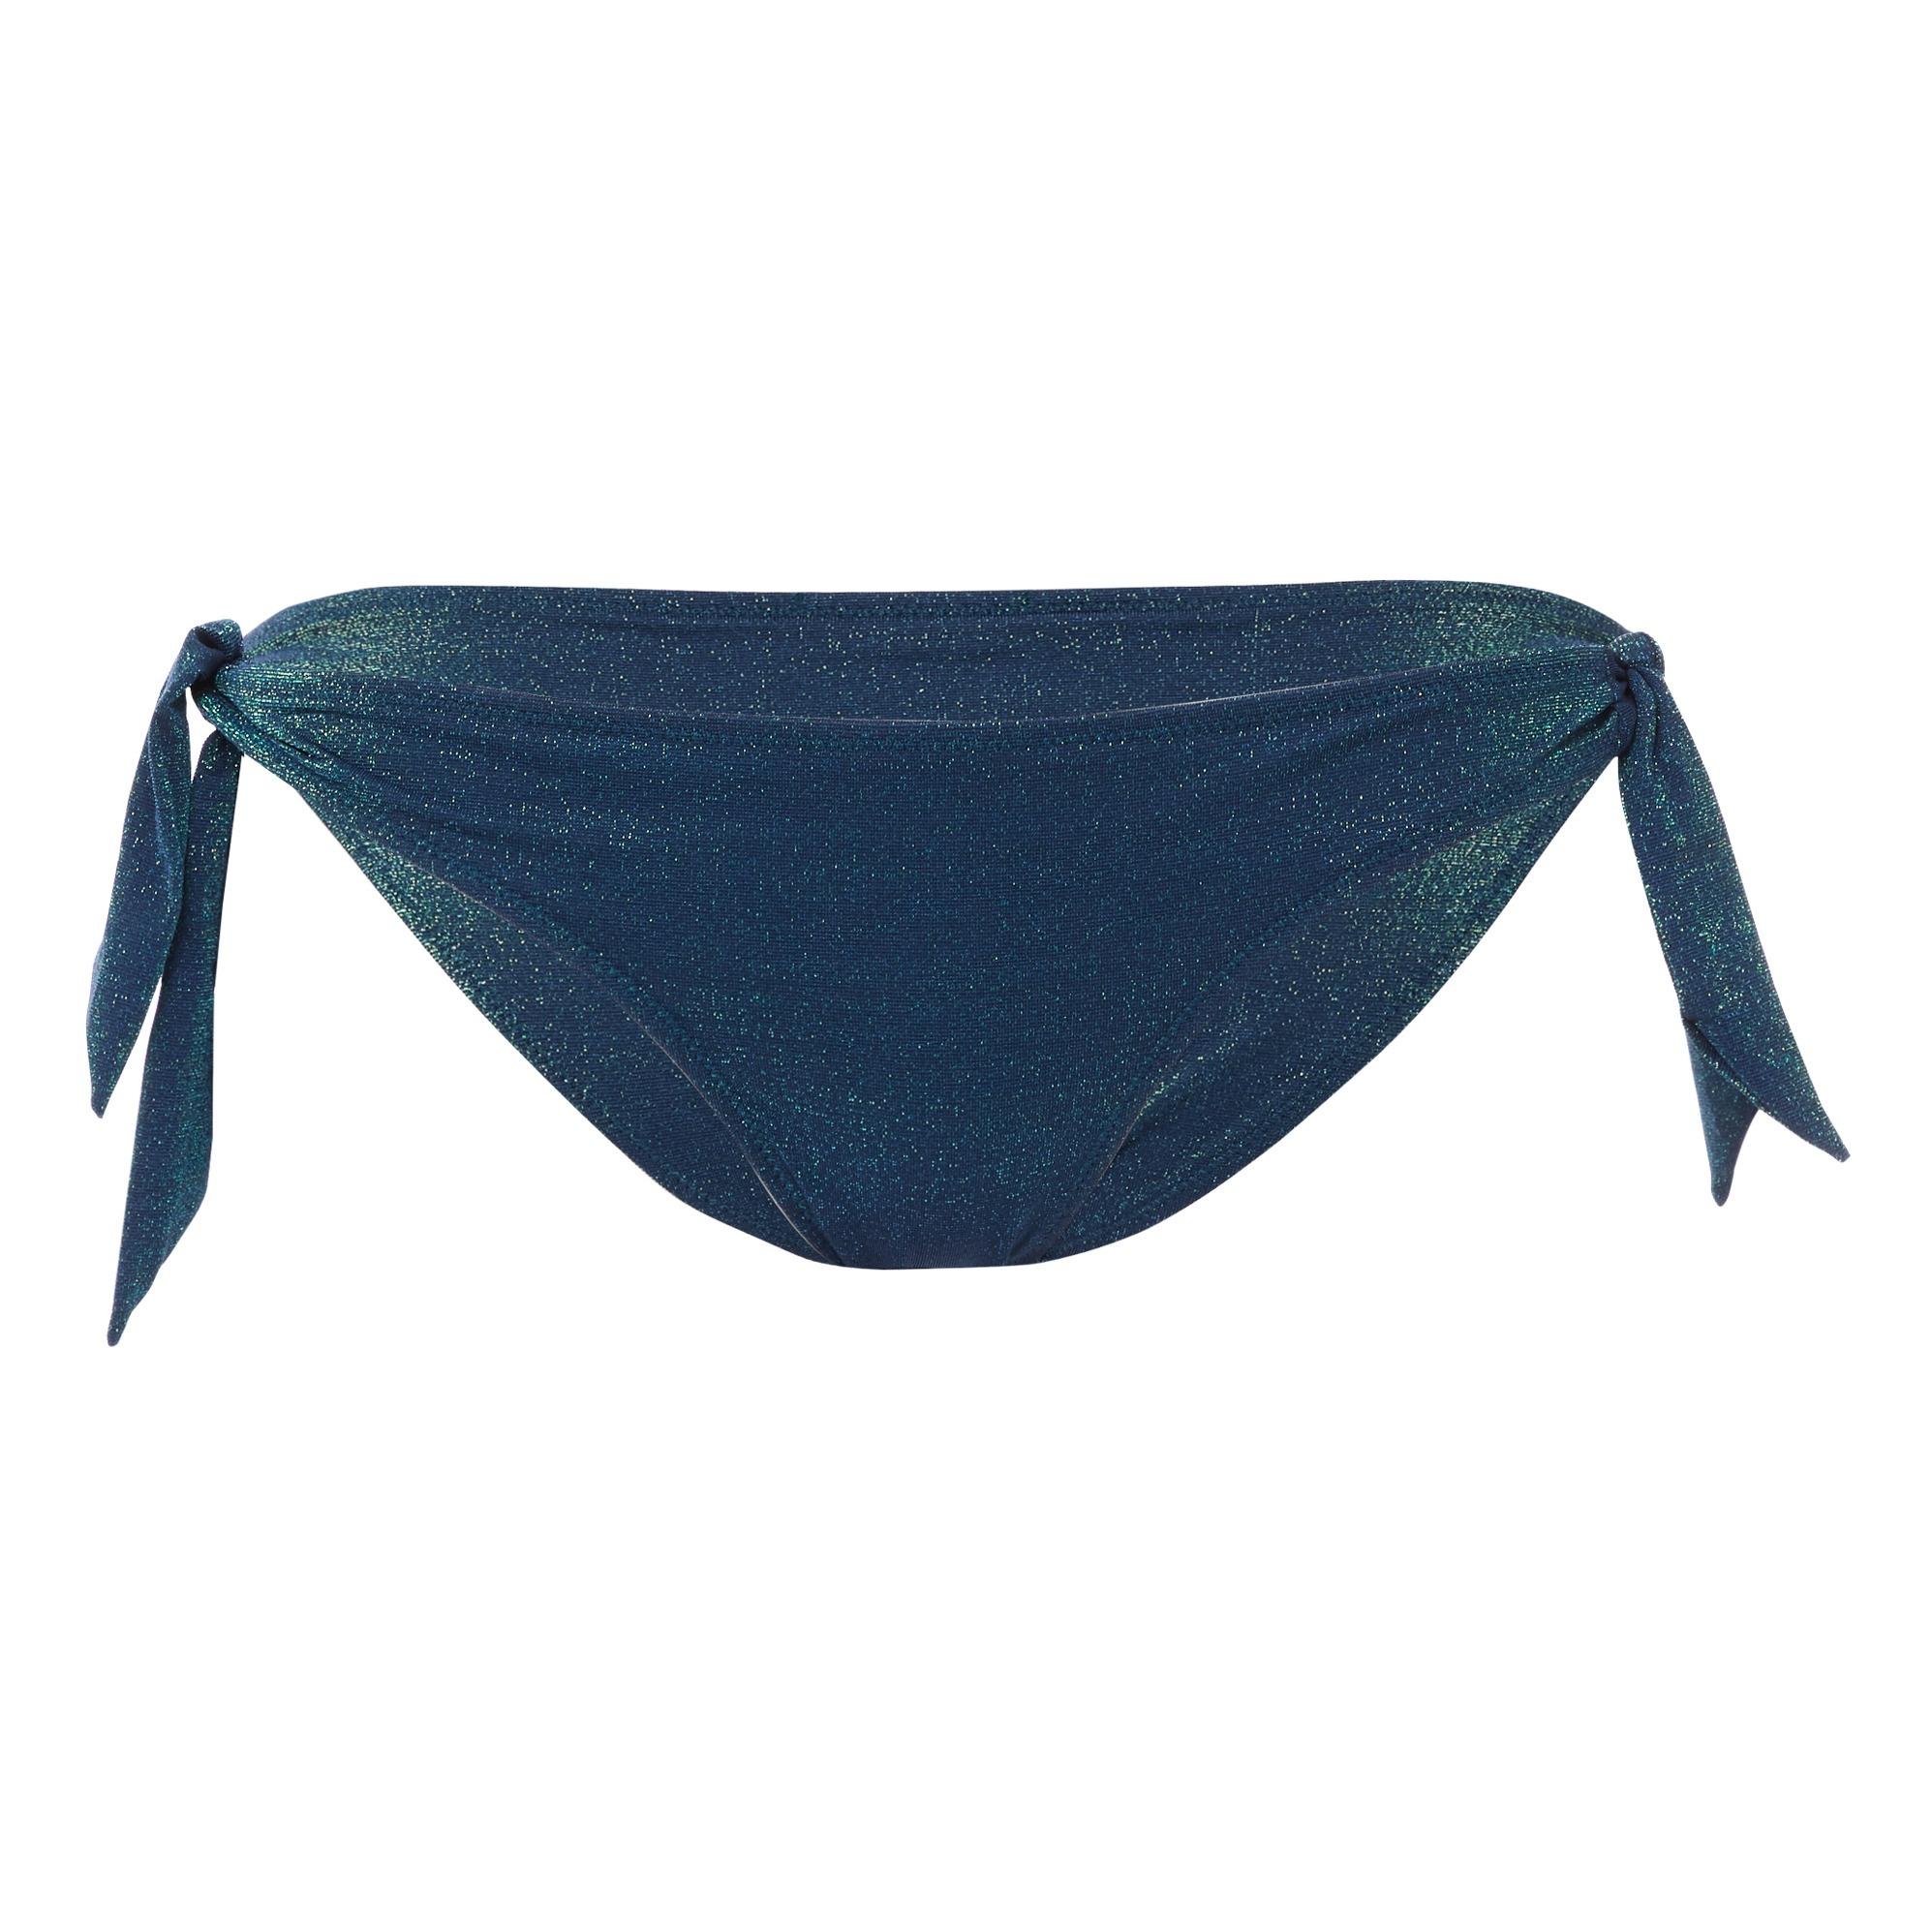 Lison Paris - Culotte de Bain Fidji - Collection Femme - - Bleu turquoise